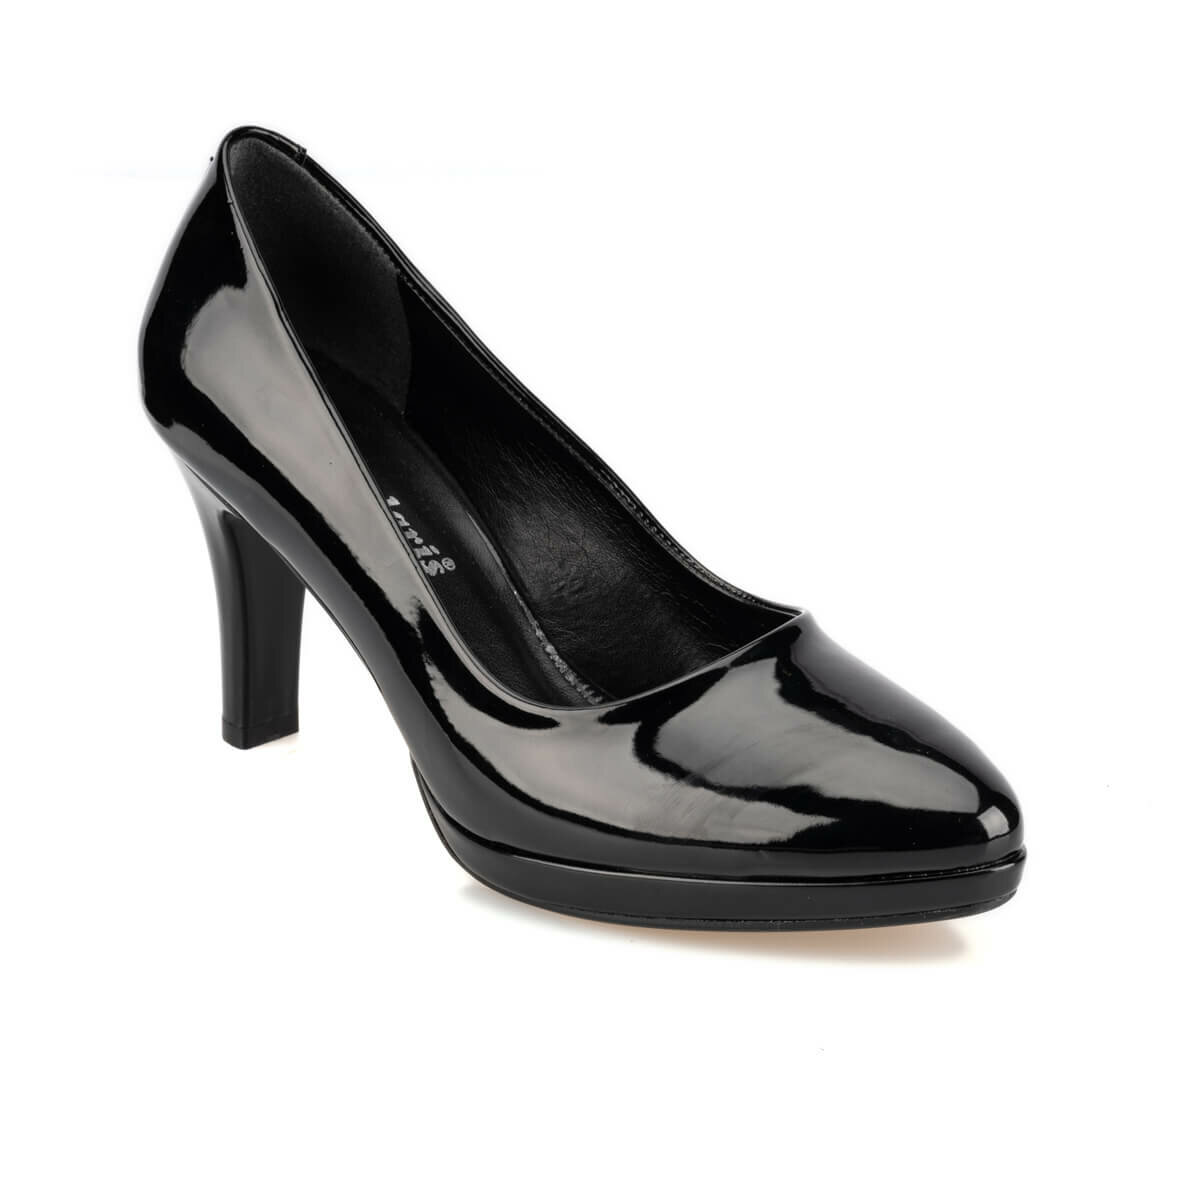 FLO 92.314106RZ Black Women Gova Shoes Polaris